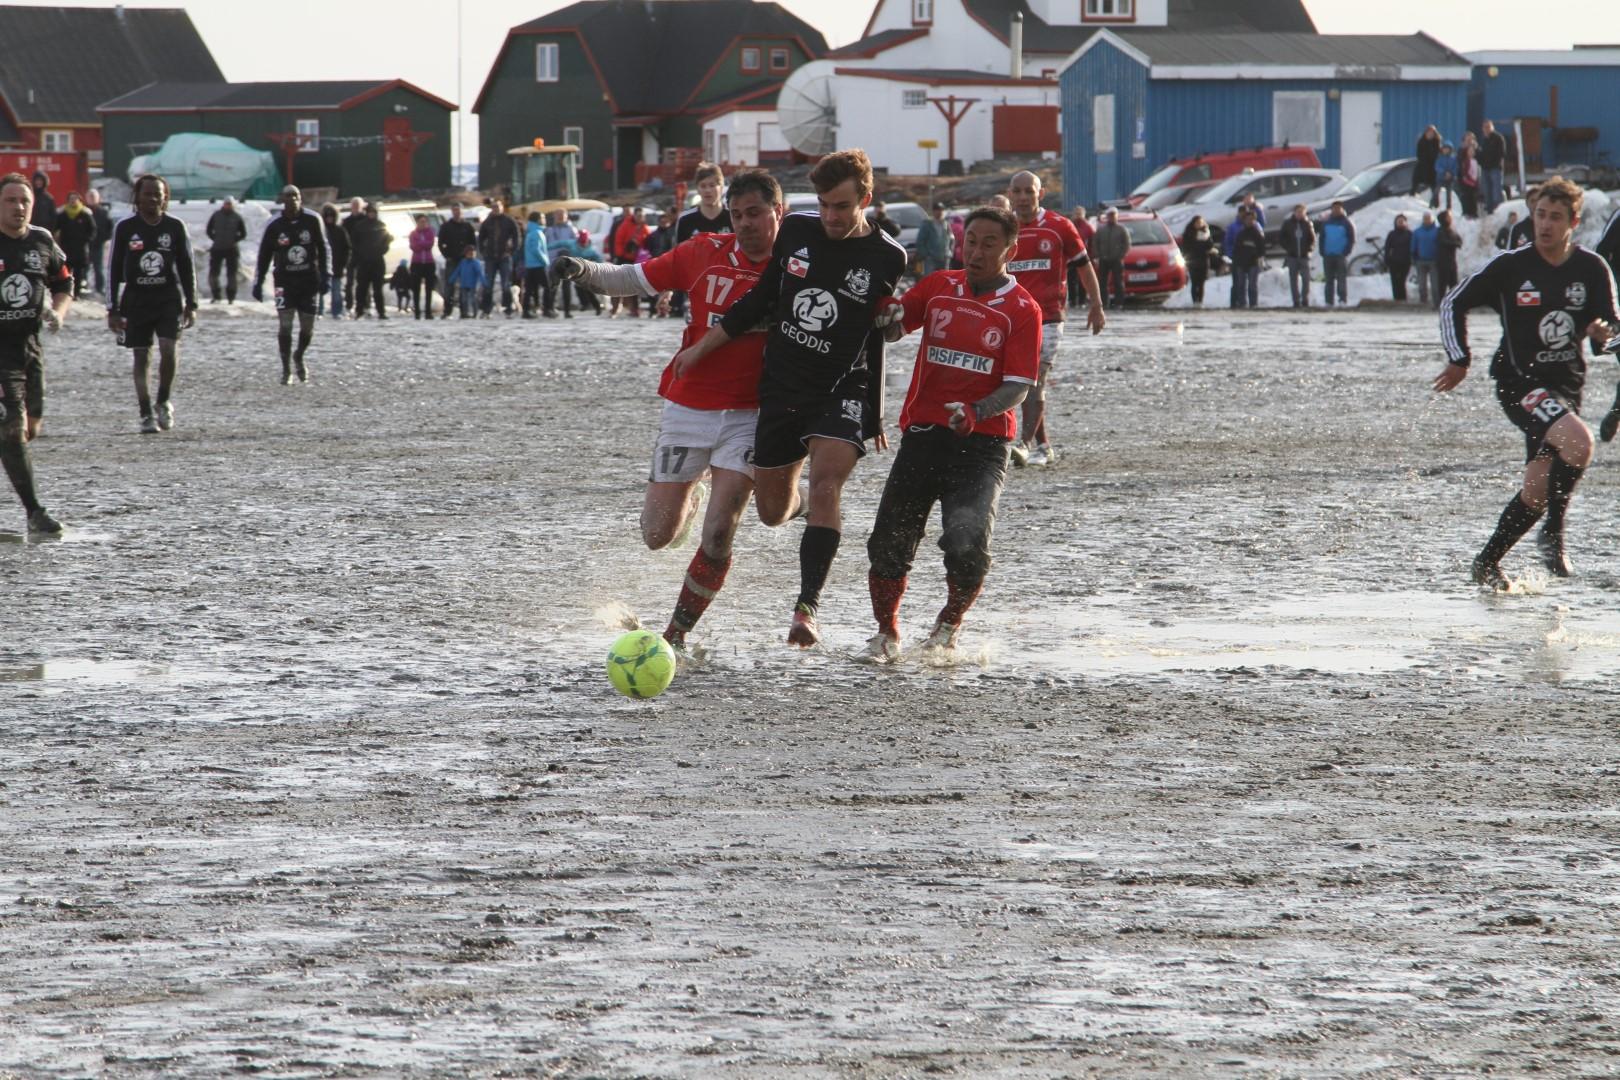 Det franske hold Variétés Club de France spillede to kampe i Nuuk